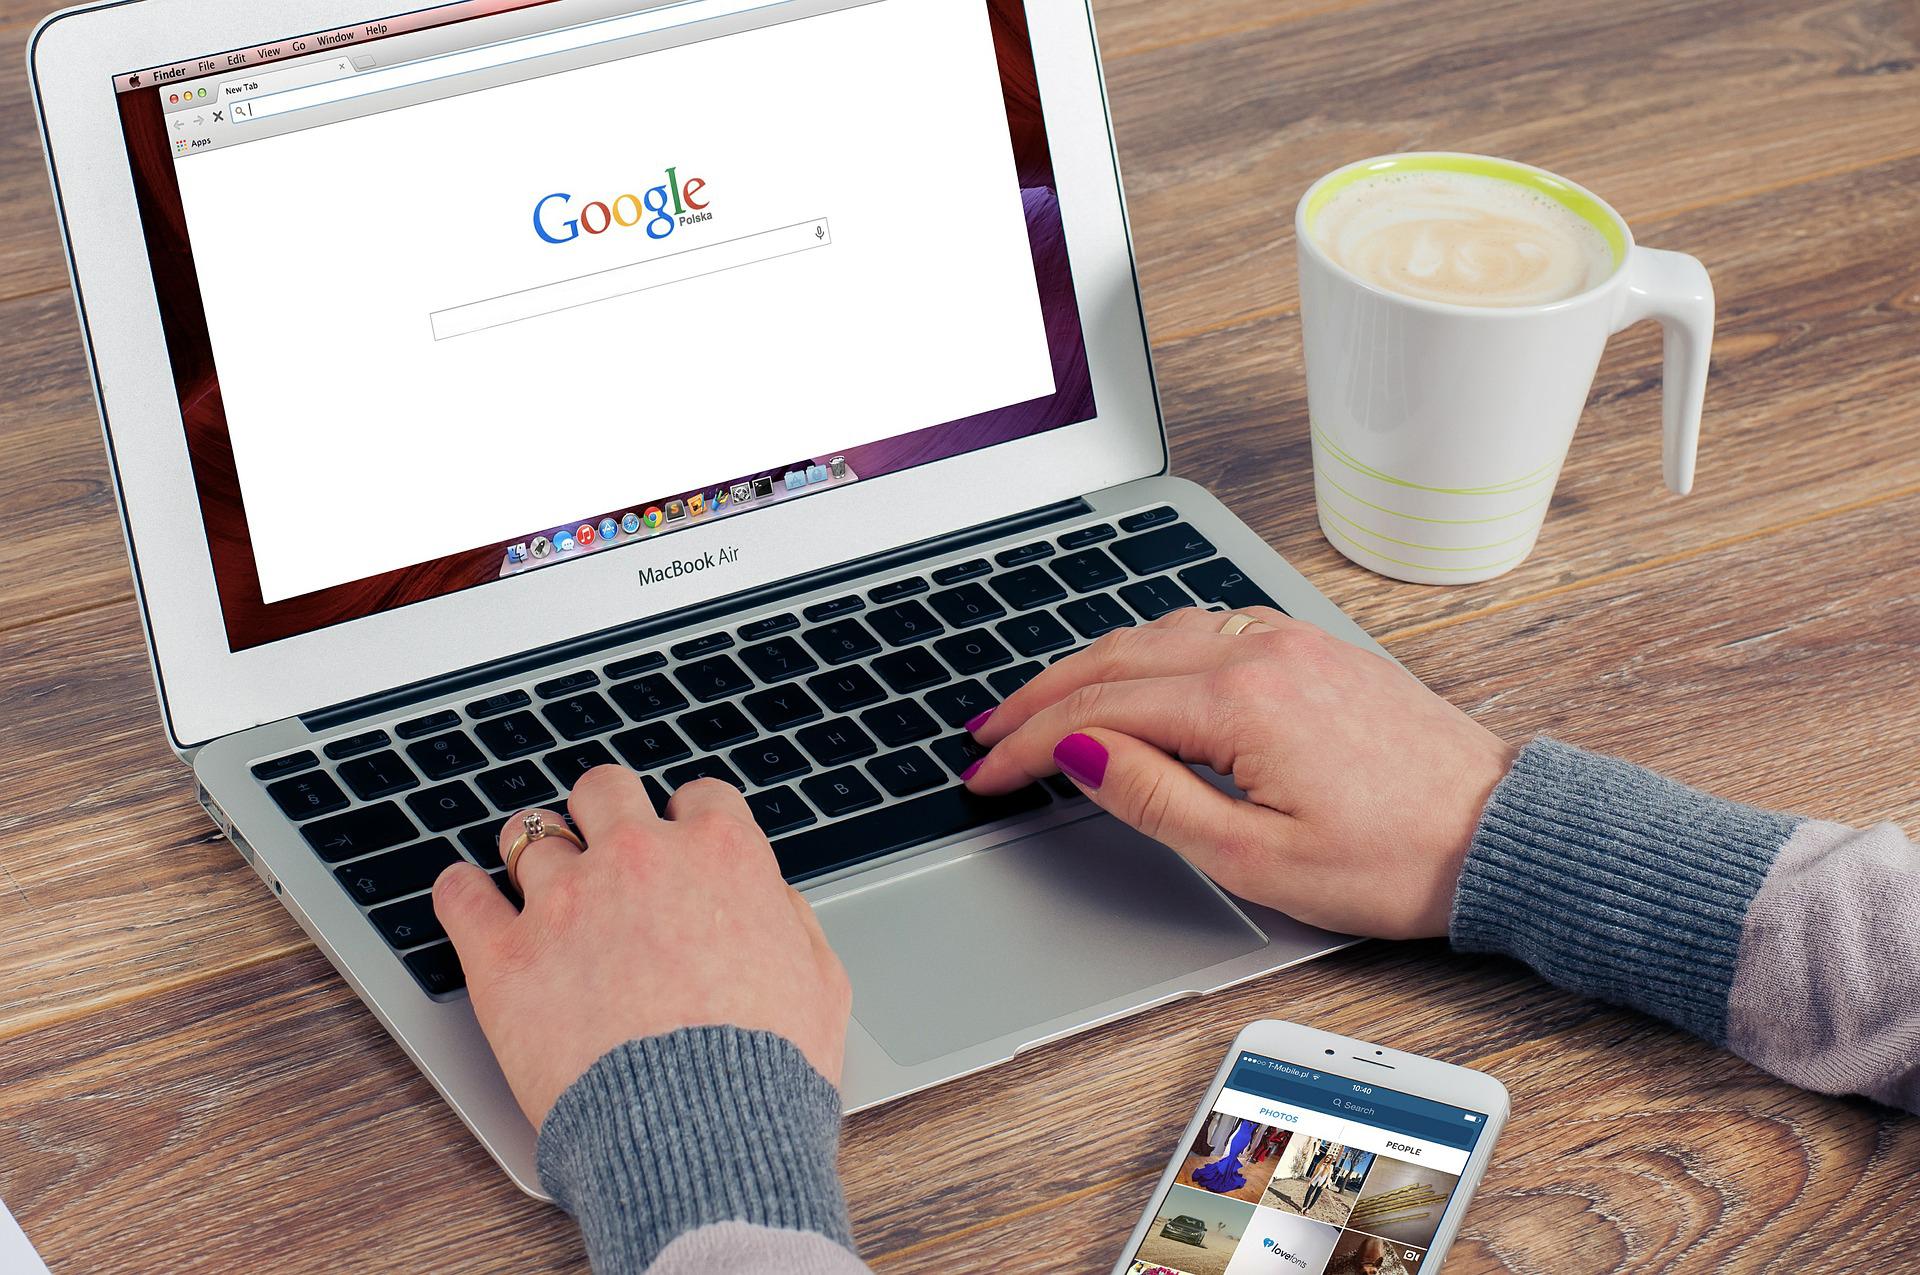 Che cosa implica il Maccabees Update nei risultati delle ricerche su Google